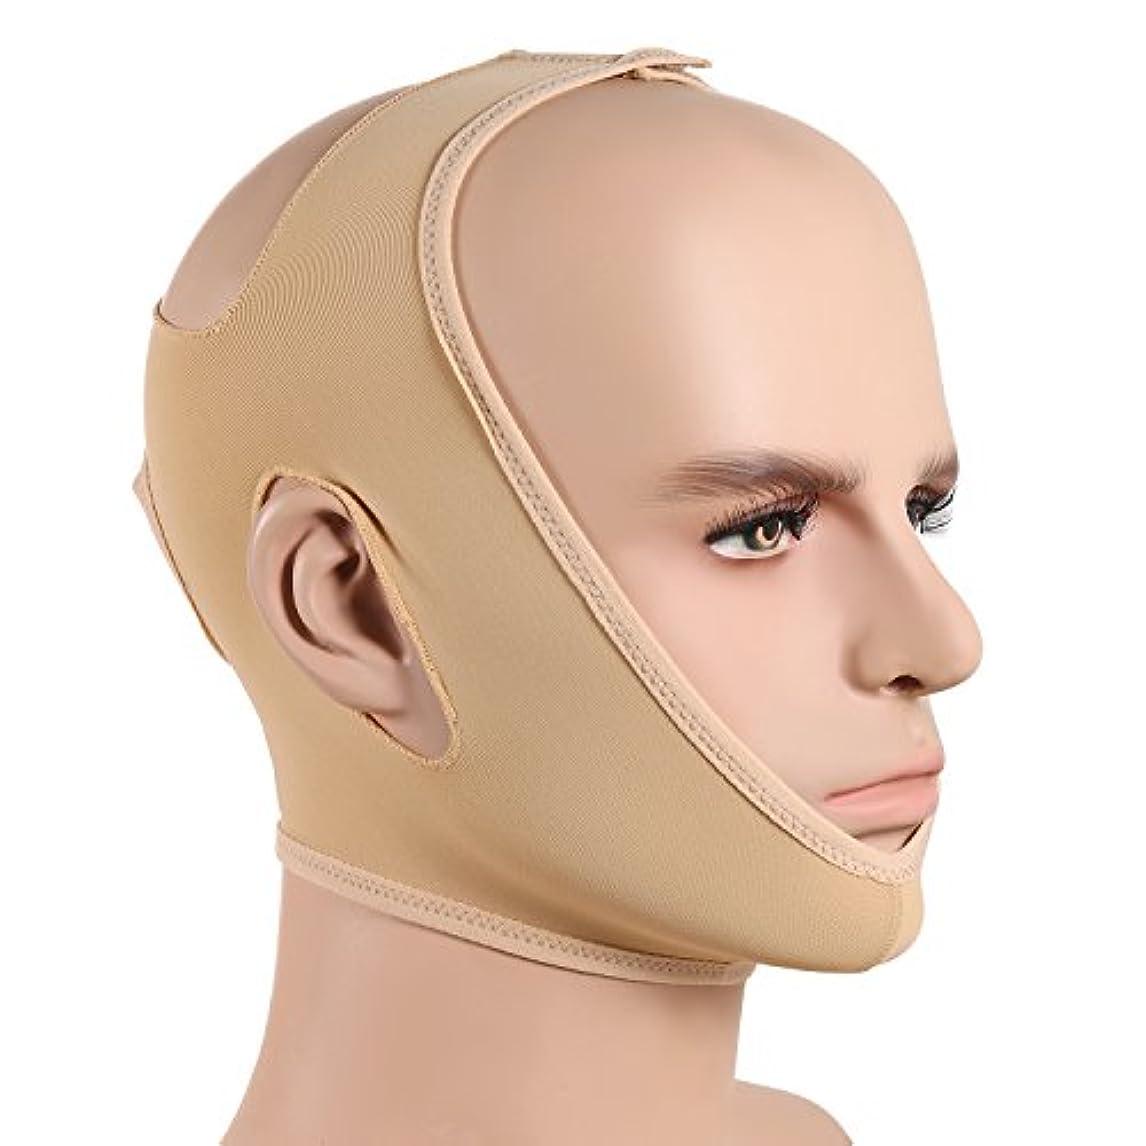 オーブンきょうだい包囲JewelryWe 小顔ベルト 美顔マスク 眠りながら 小顔 矯正 額、顎下、頬リフトアップ 小顔マスク 男女兼用 Mサイズ